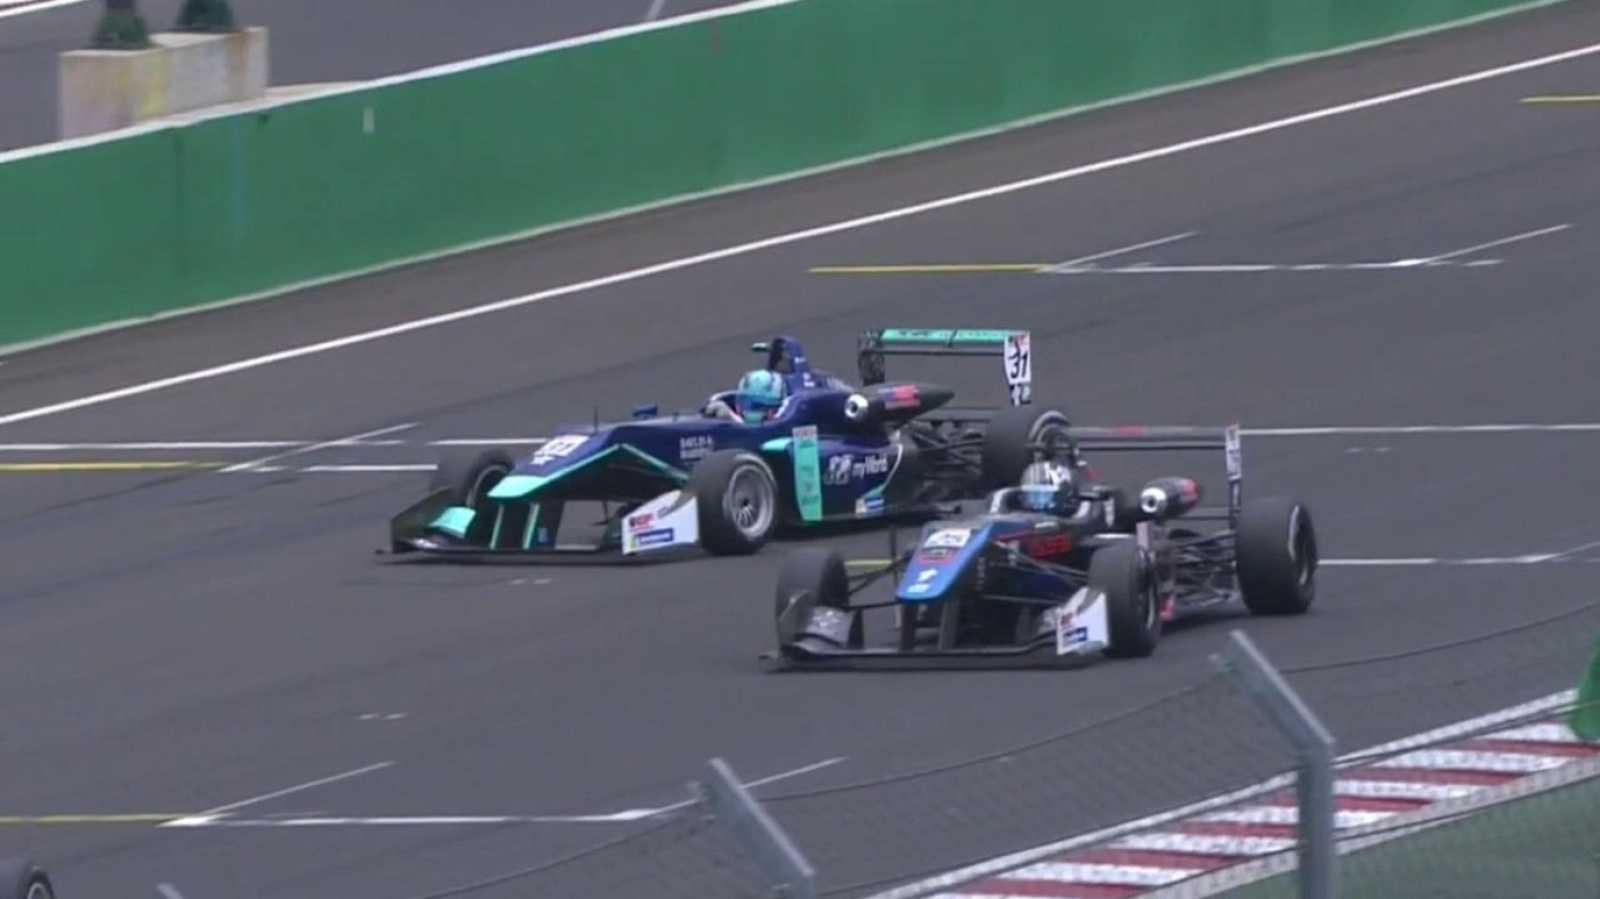 Automovilismo - Eurofórmula Open 2ª carrera, desde Hungaroring - ver ahora